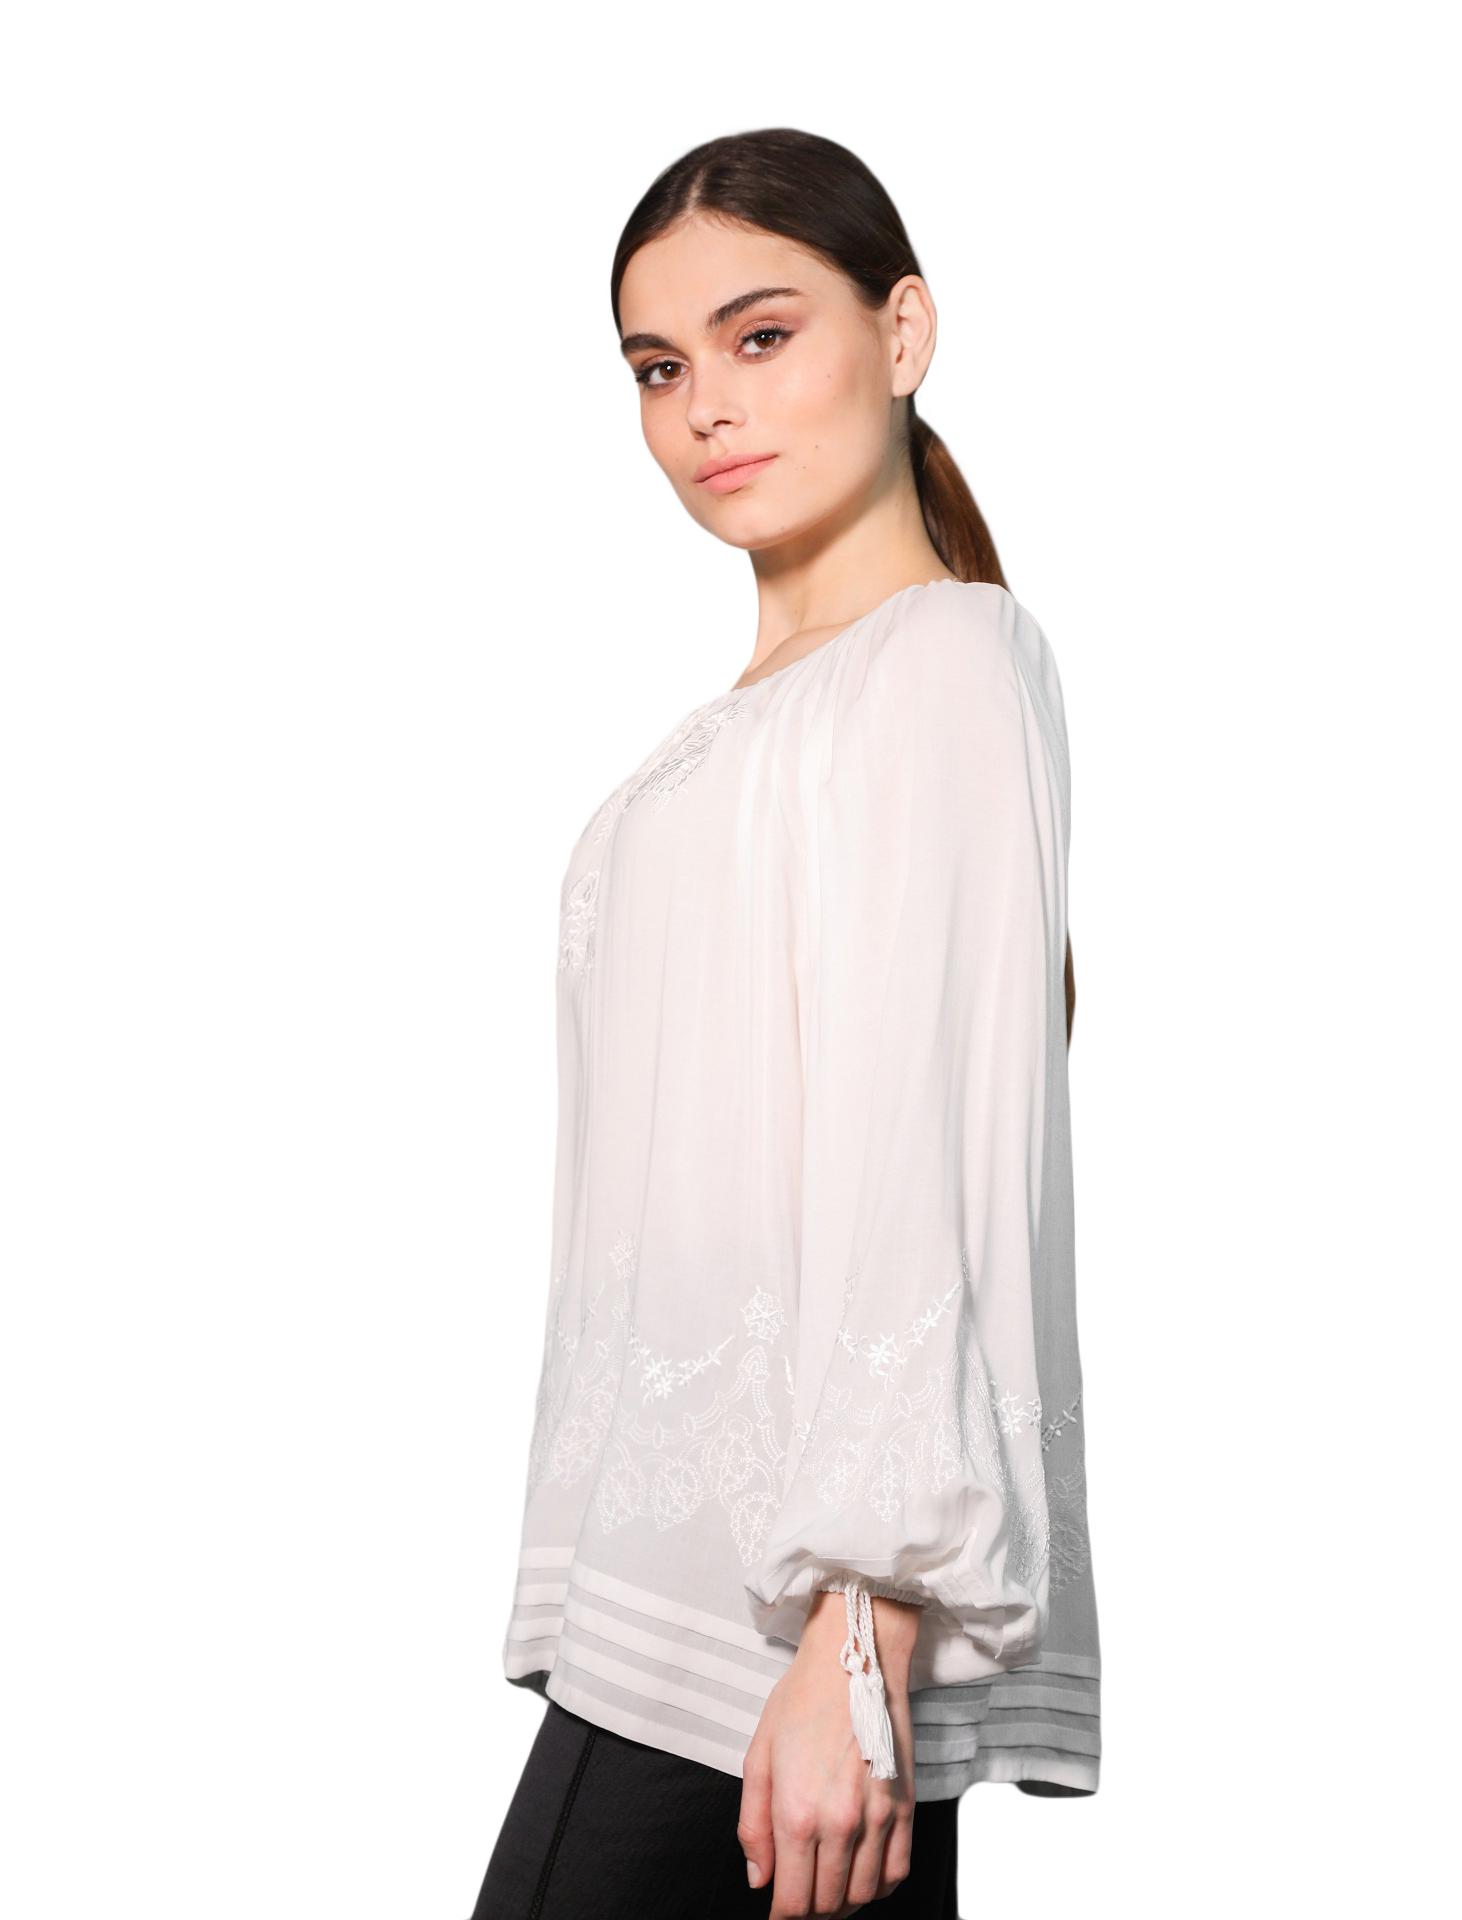 Вышитая блуза «Роза ажур»